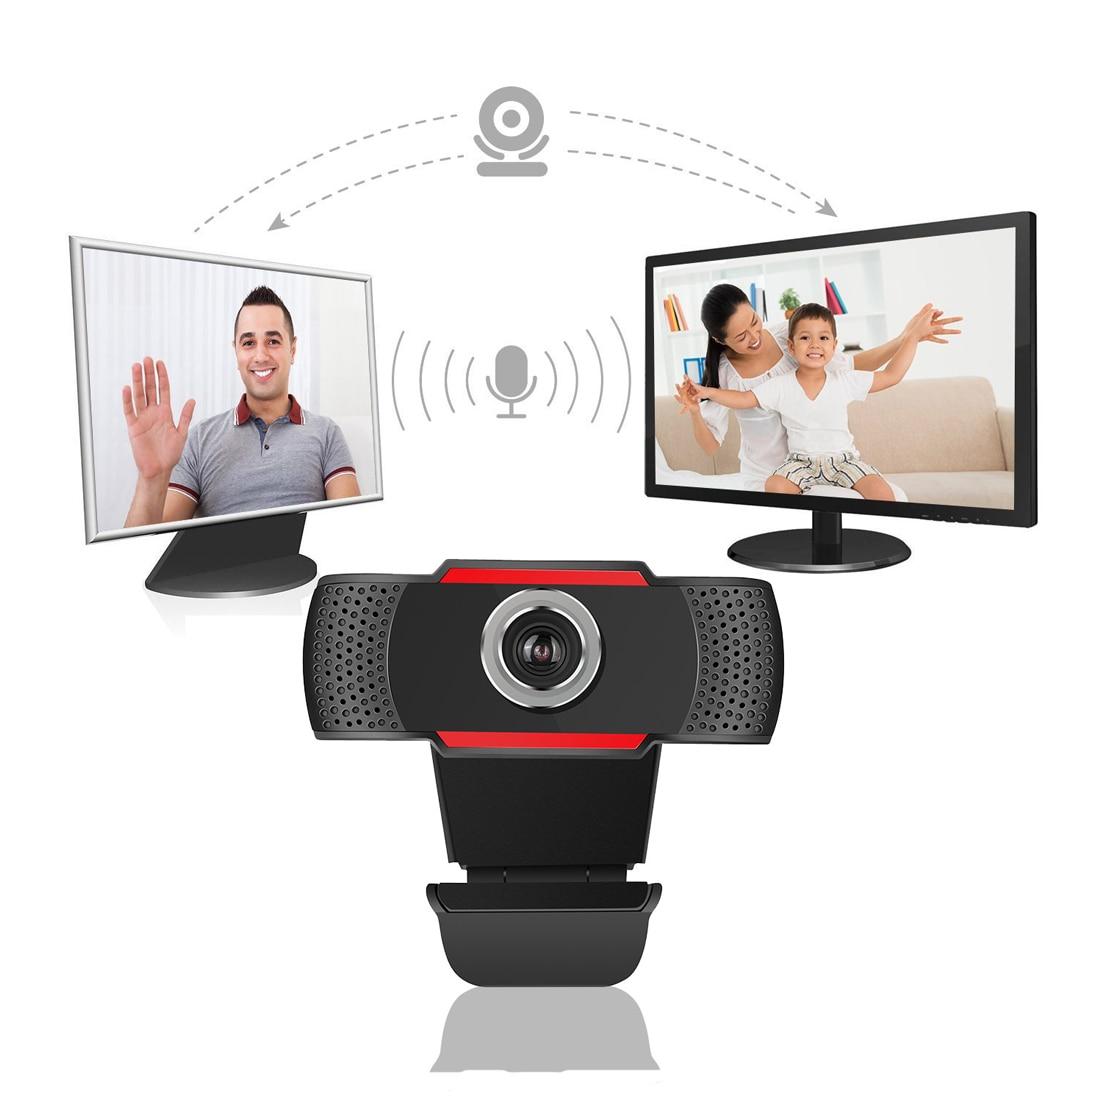 Usb веб-камера Веб-камера HD 300 мегапикселя PC Камера с поглощения микрофон Микрофон для Skype для Android ТВ поворотный компьютер камера